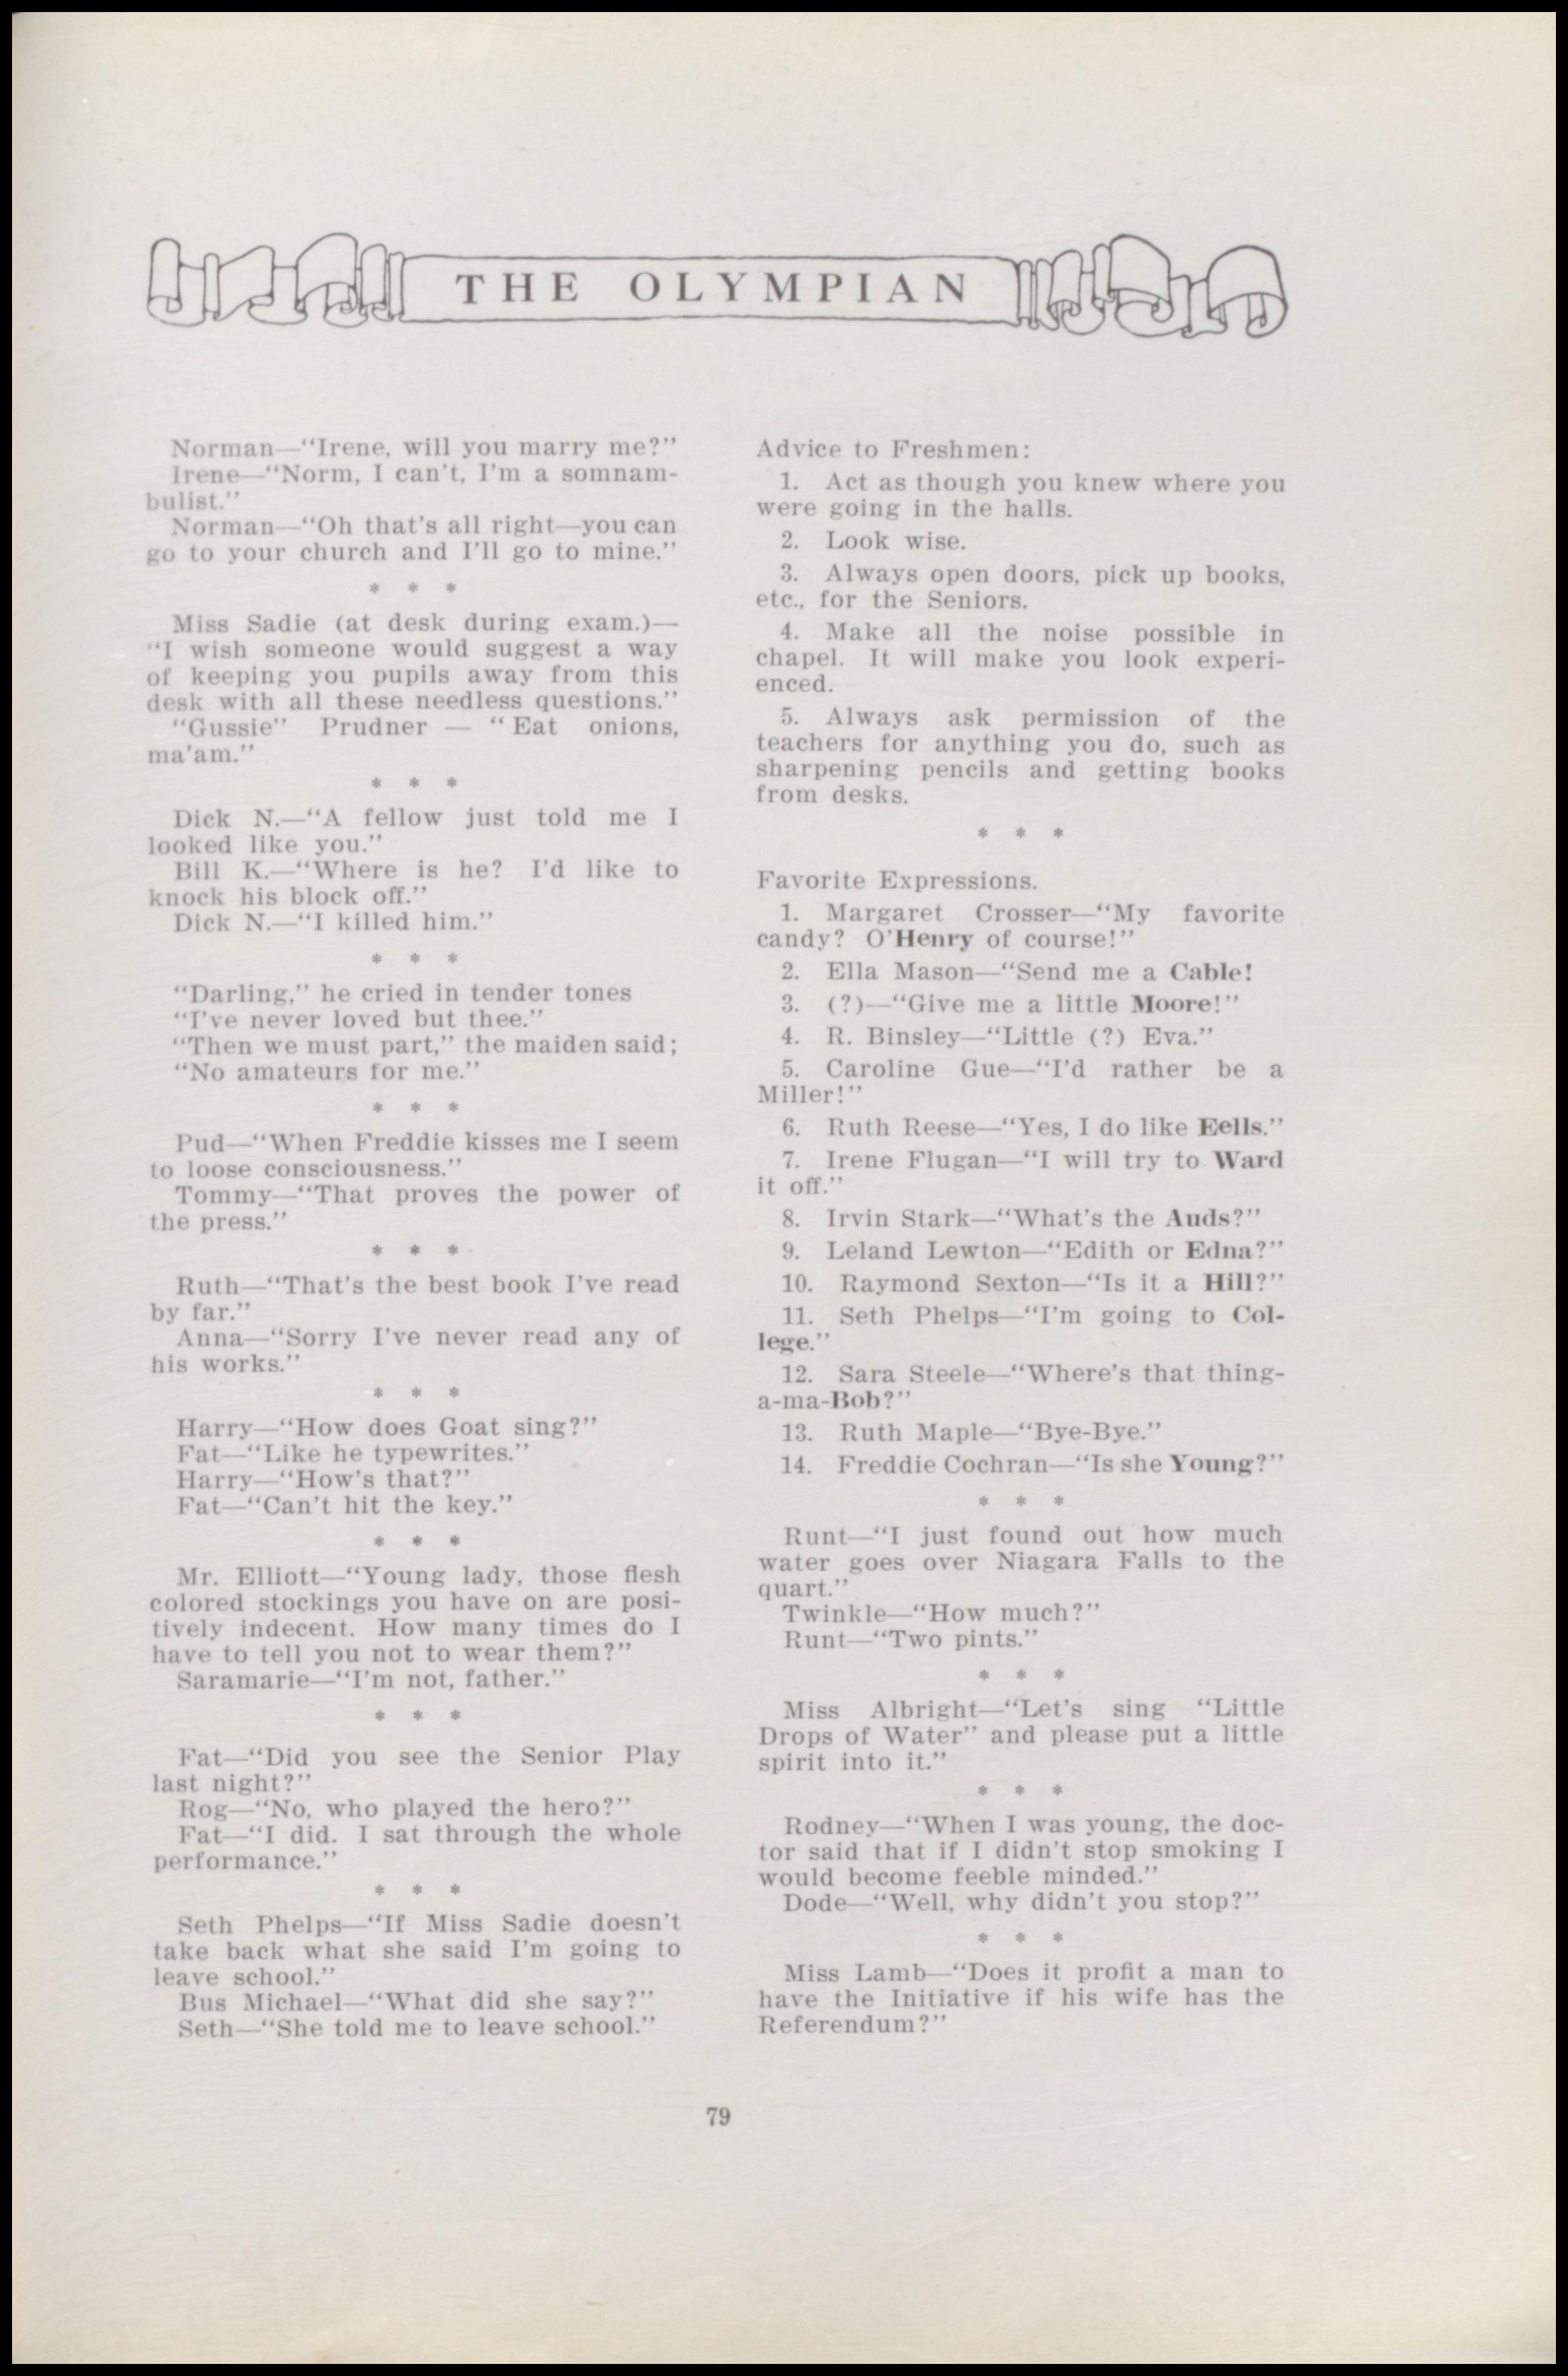 1926 Olympian